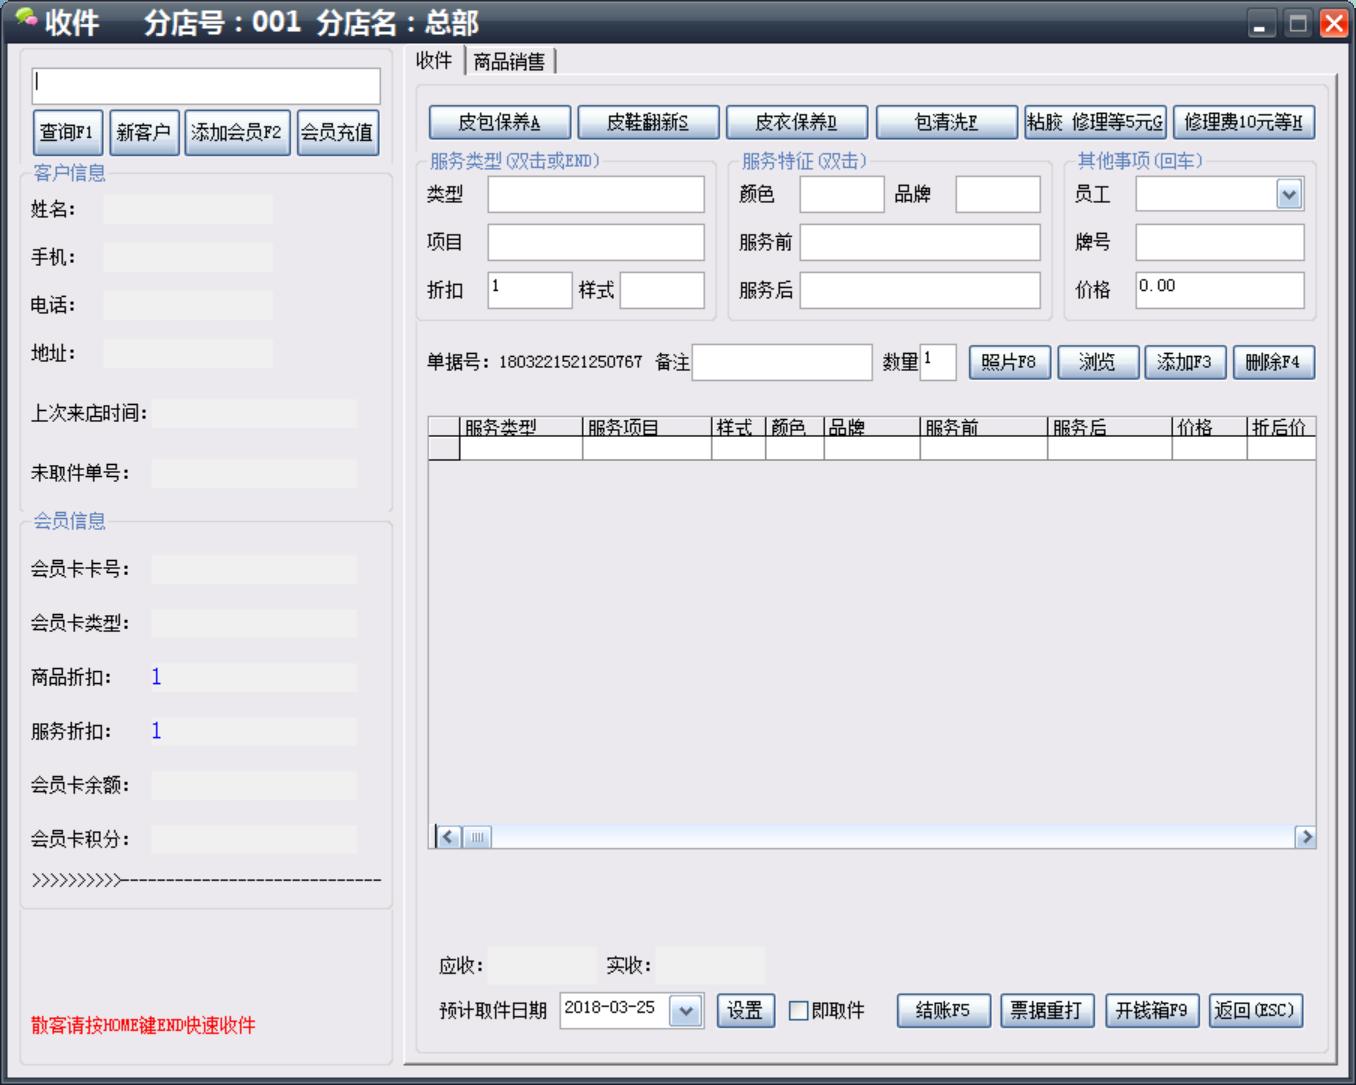 易欣皮具护理管理软件网络版